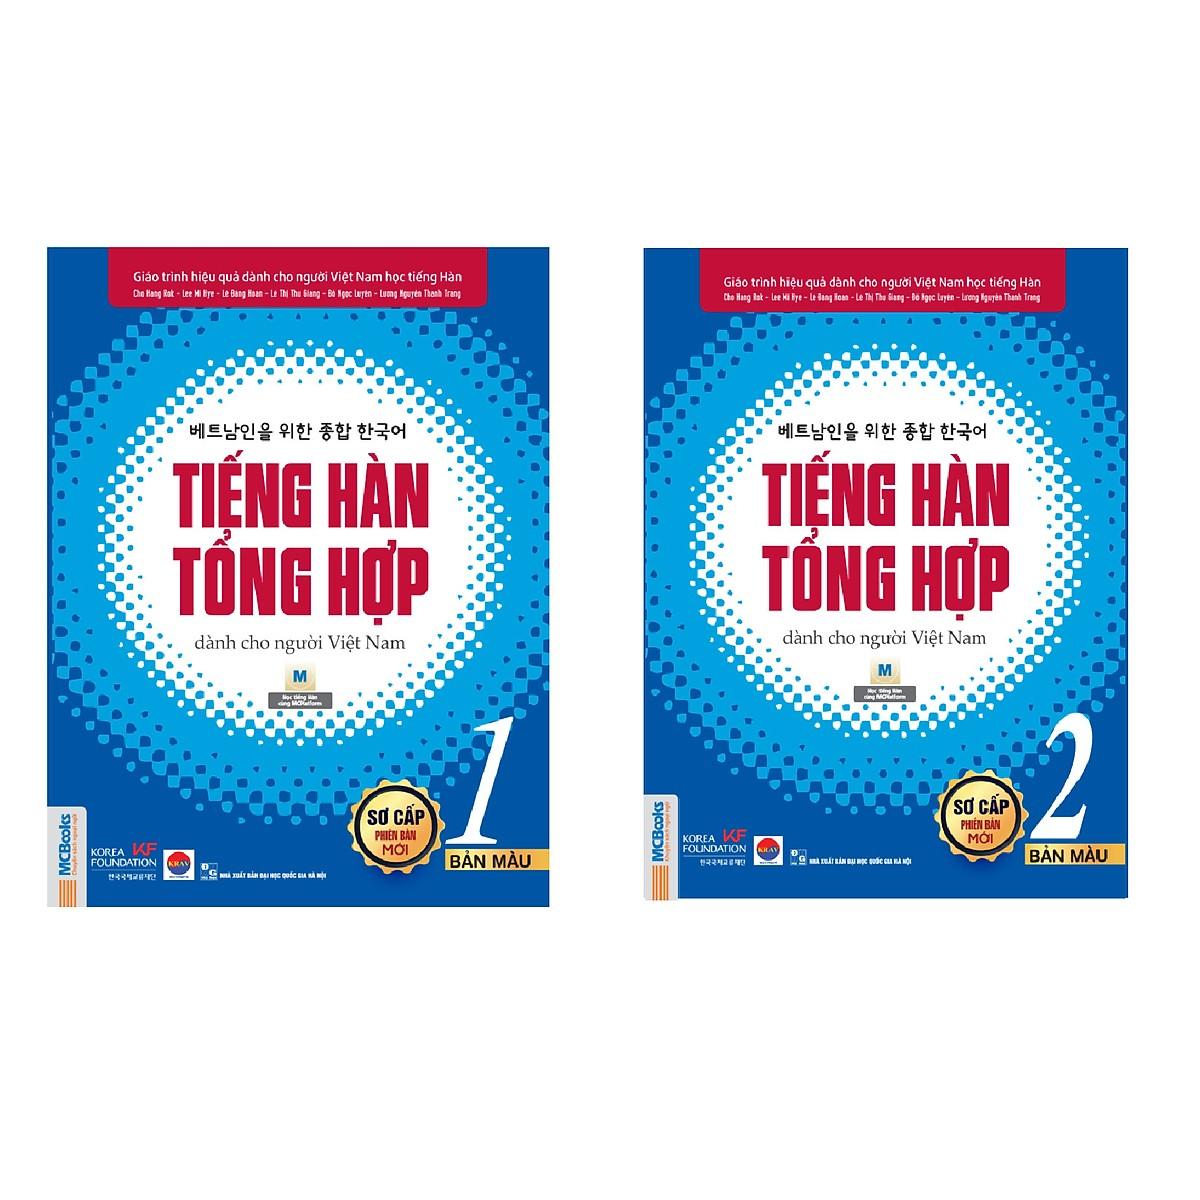 Ưu Đãi Giá cho Combo Tiếng Hàn Tổng Hợp Dành Cho Người Việt Nam (Phiên Bản Mới) - Sơ Cấp 1 Và Sơ Cấp 2 (Bản Màu Nghe Qua App)